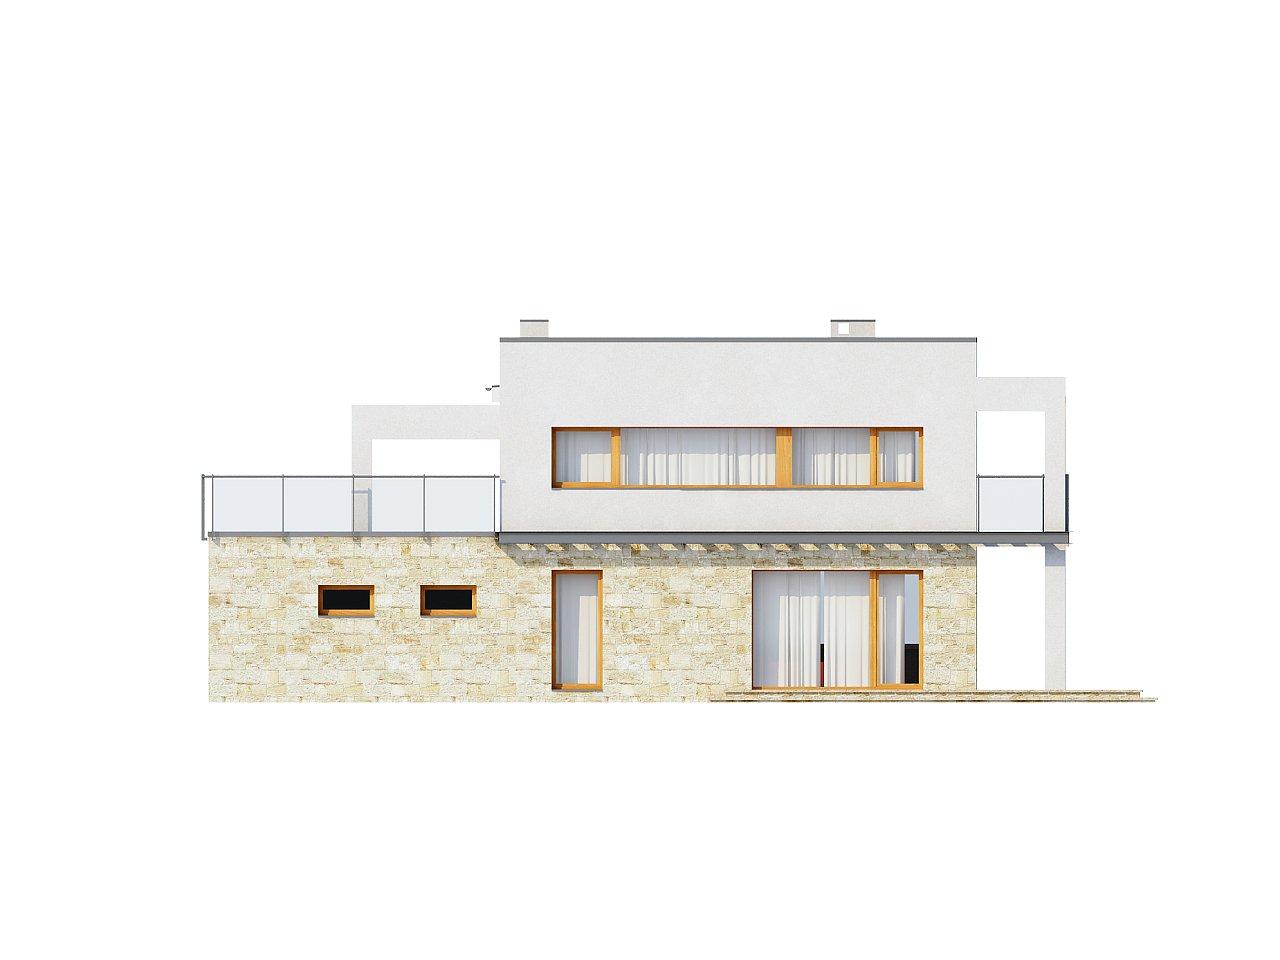 Практичный двухэтажный дом в современном стиле с обширной террасой над гаражом. - фото 4